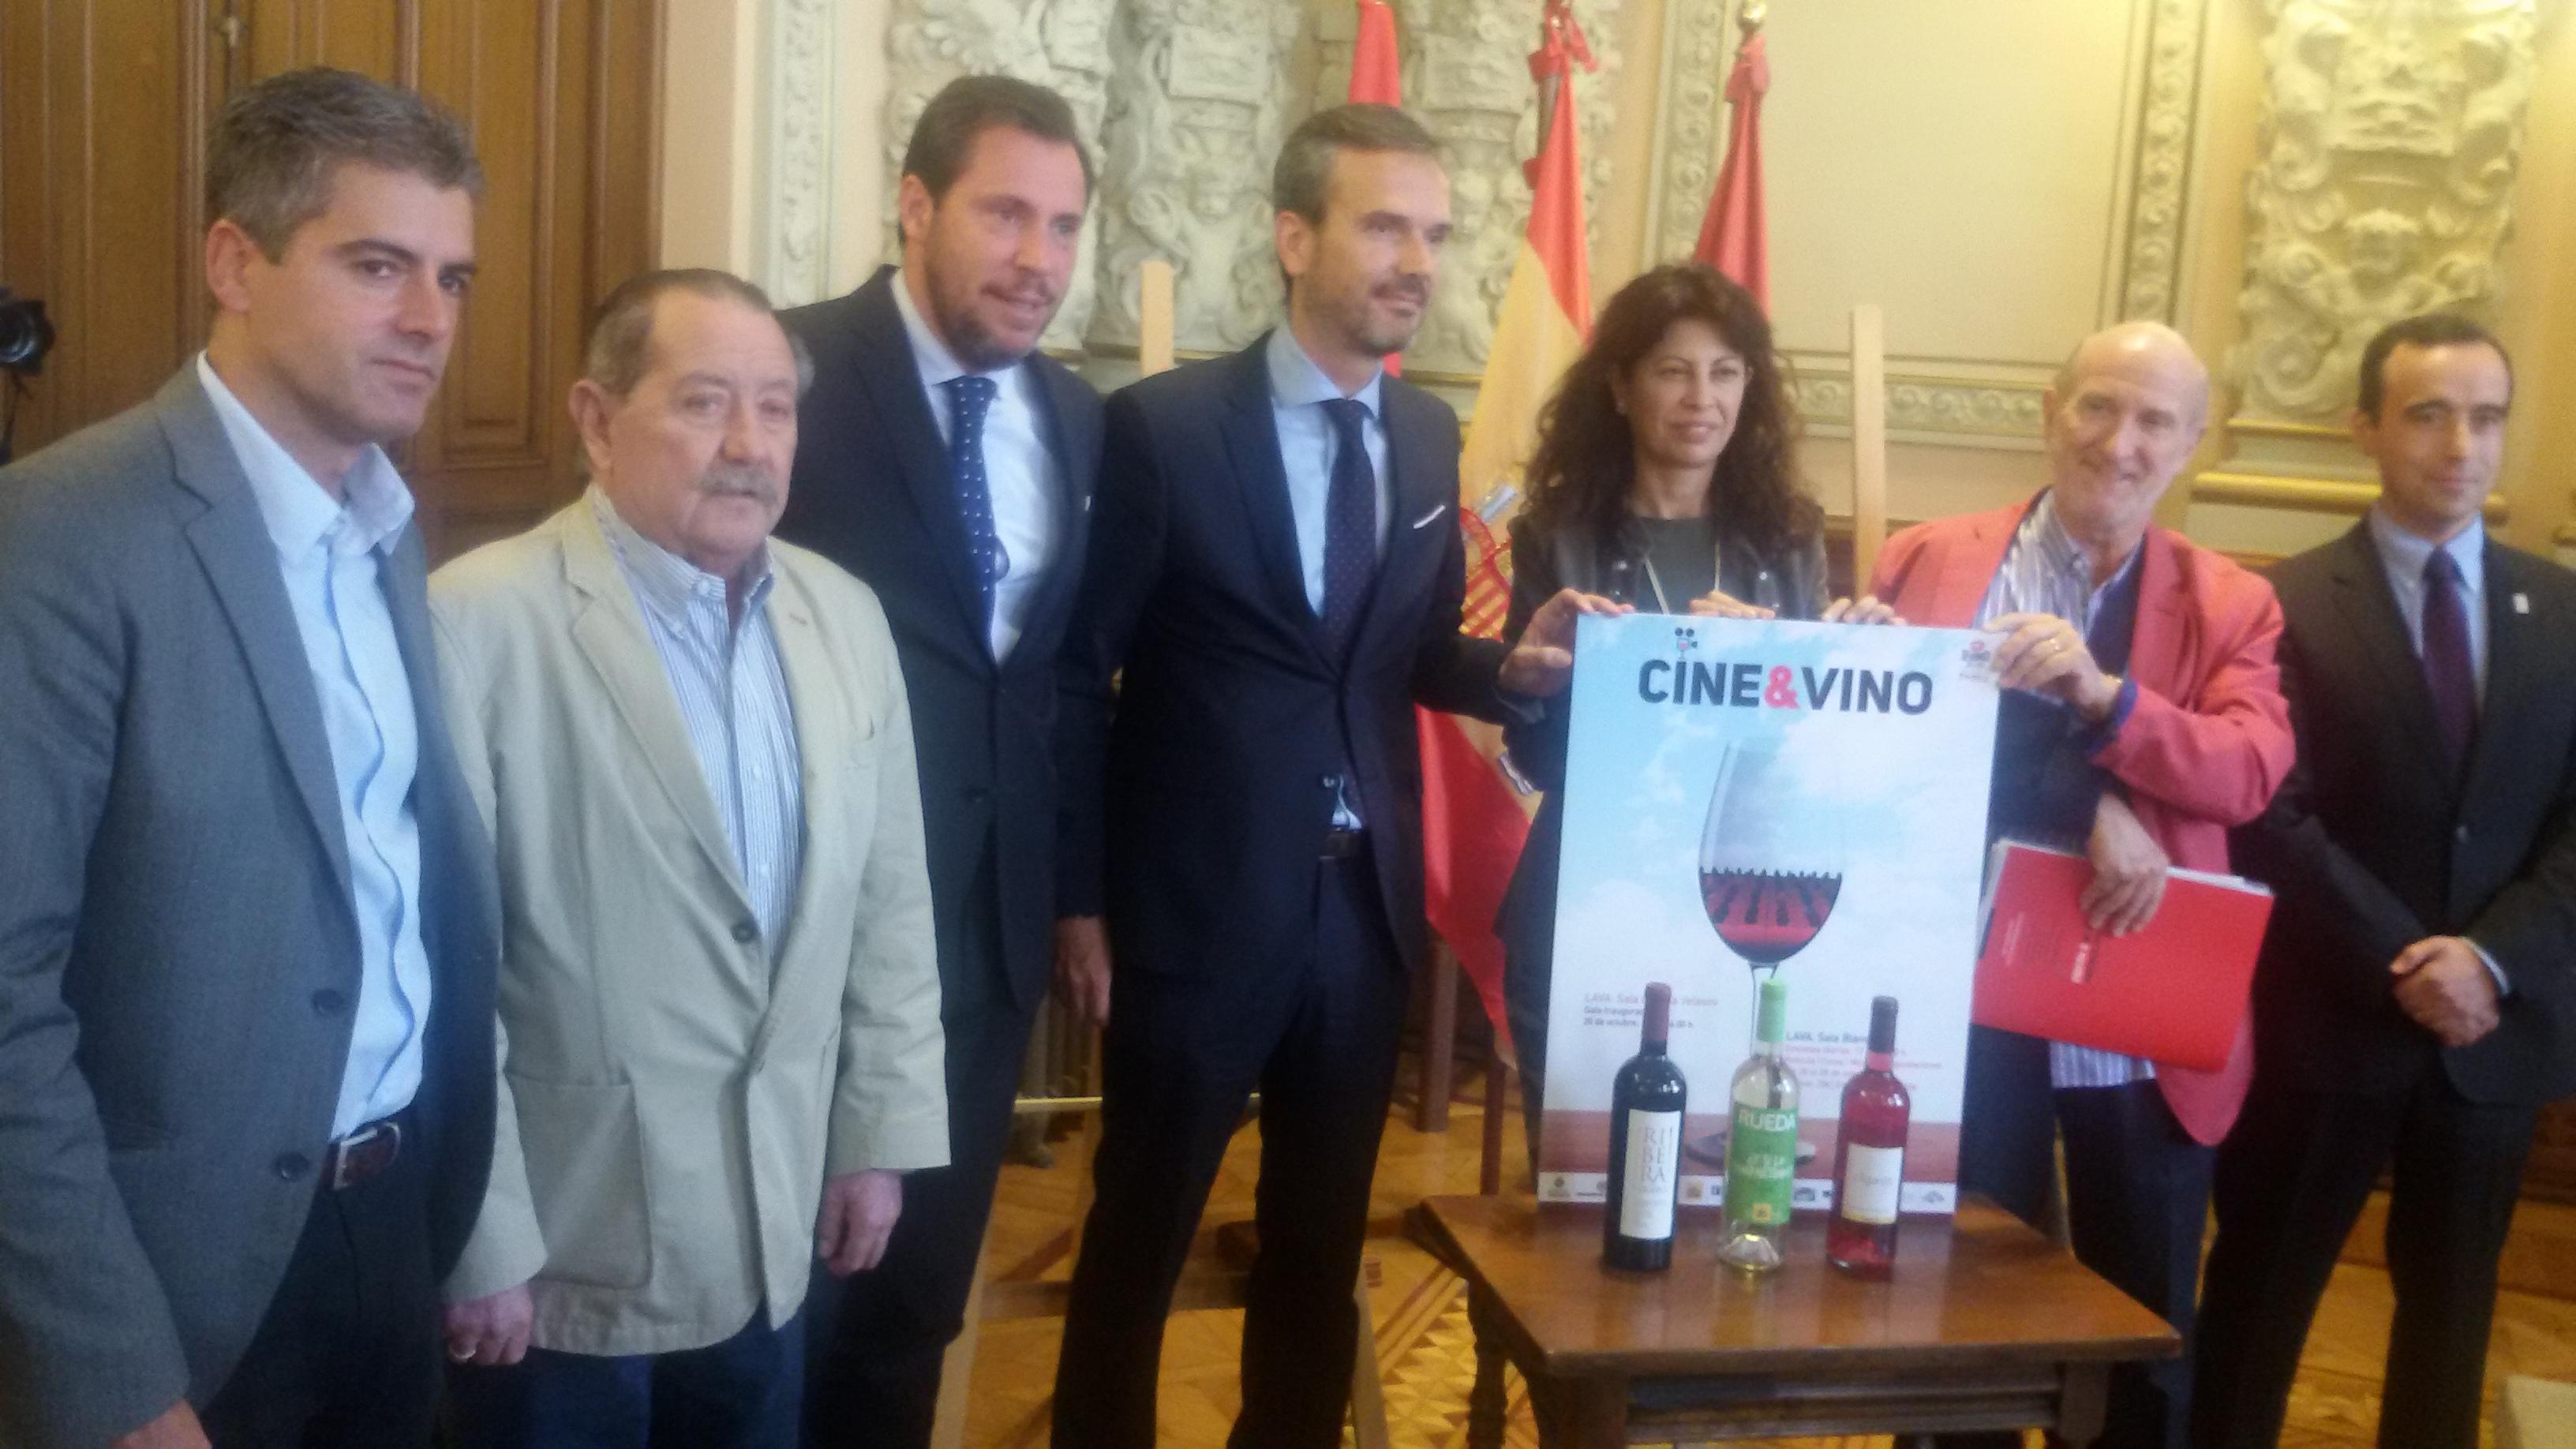 LOS VINOS DE RUEDA, CIGALES Y RIBERA DEL DUERO MANTIENEN SU APOYO A CINE&VINO